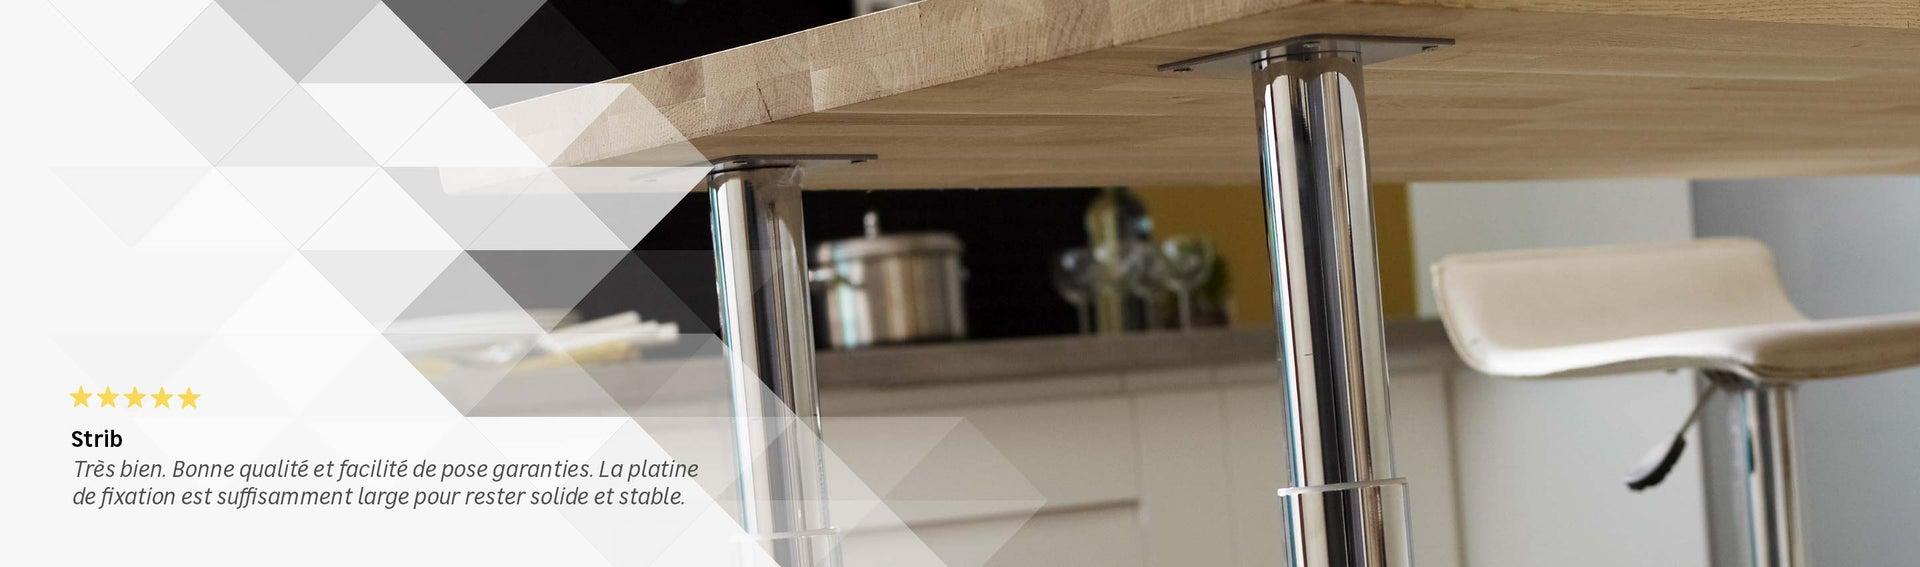 Quincaillerie du meuble quincaillerie s curit leroy for Quincaillerie meuble cuisine